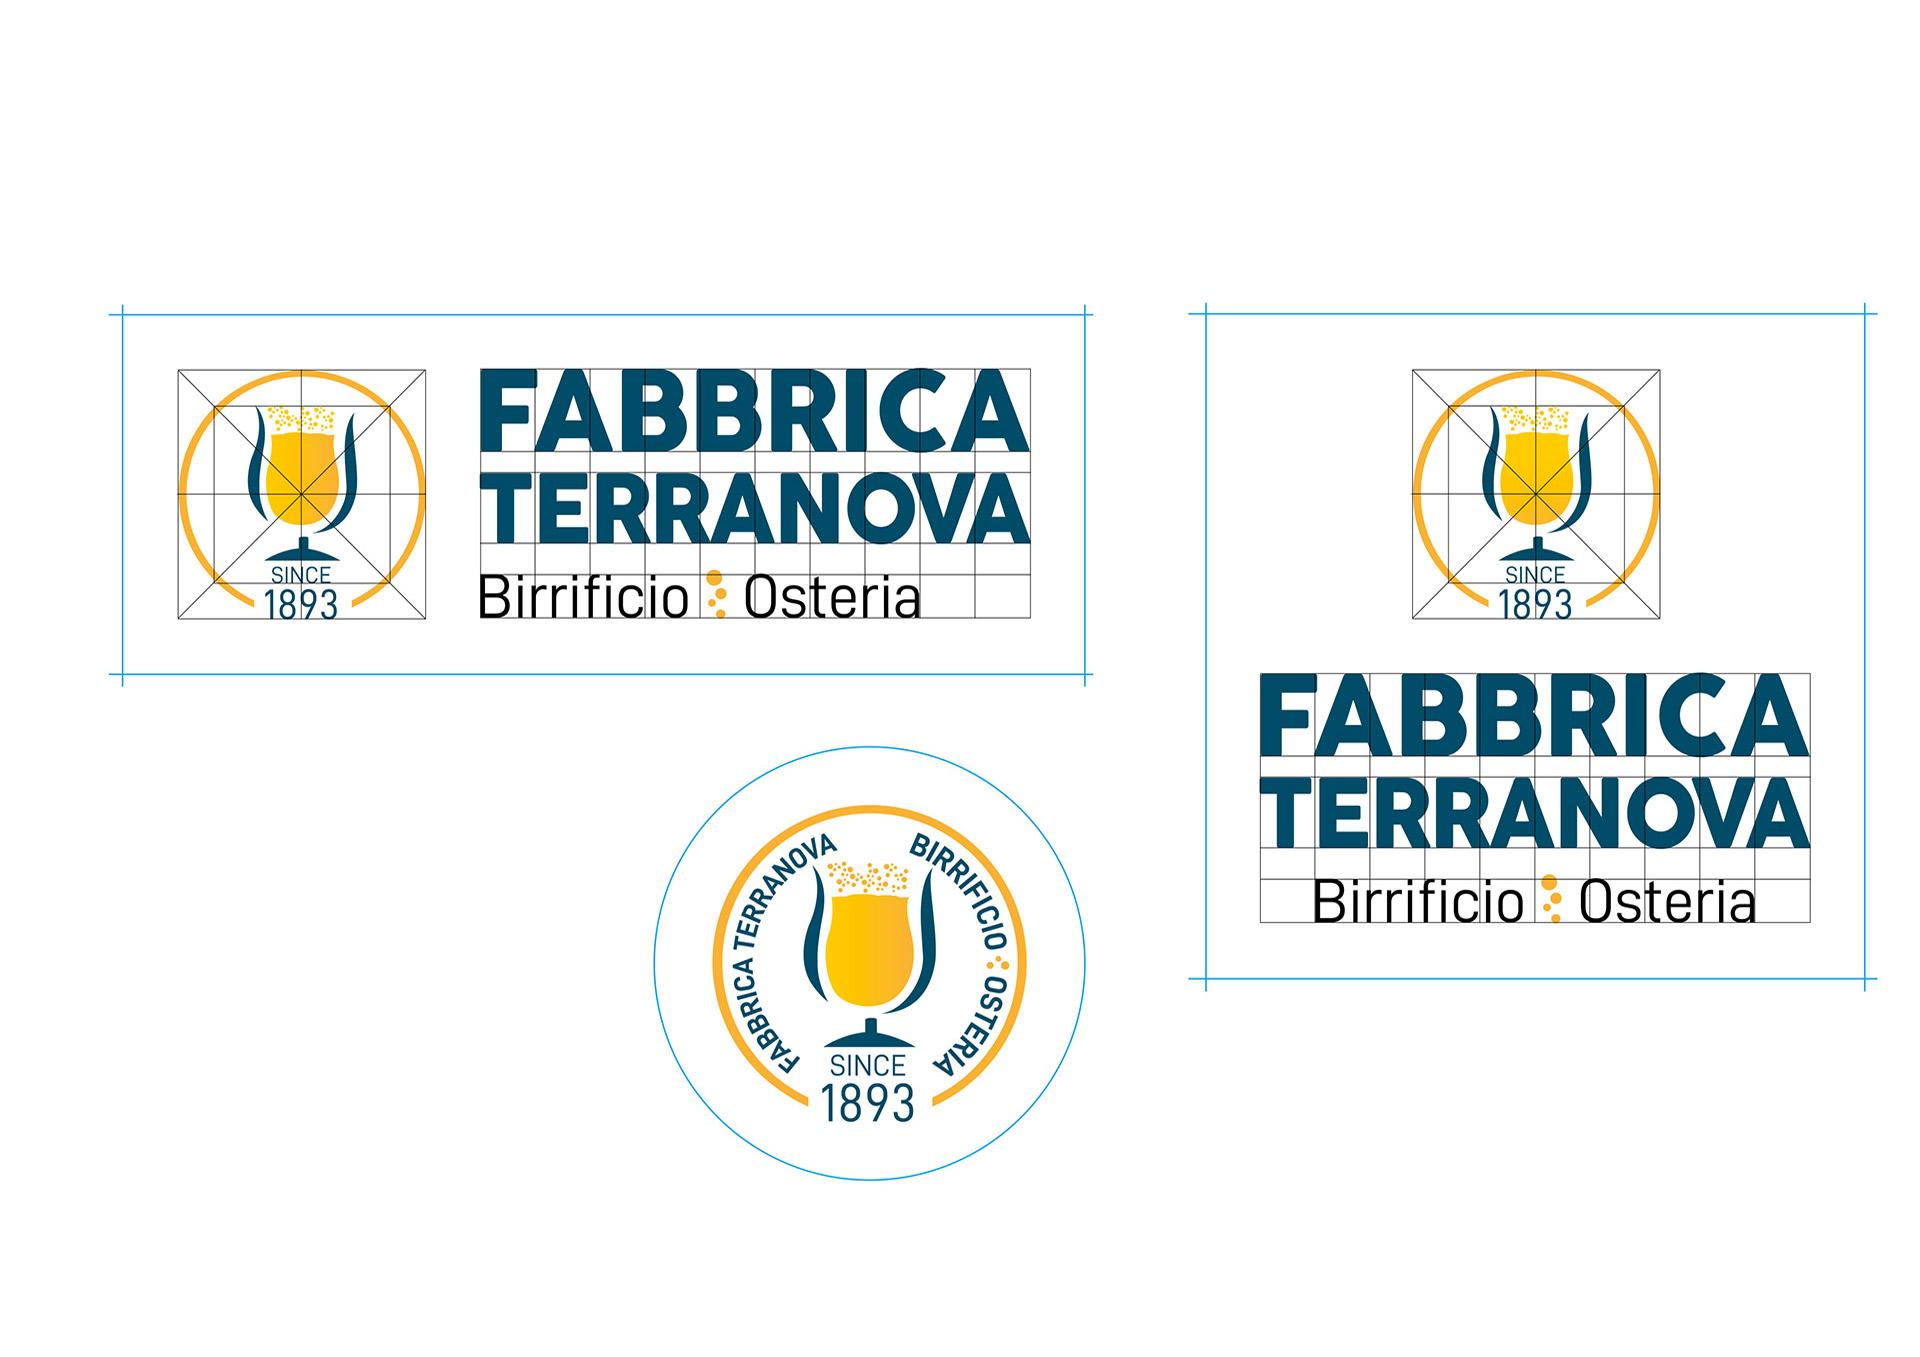 Studio del logo Fabbrica Terranova - Birrificio osteria